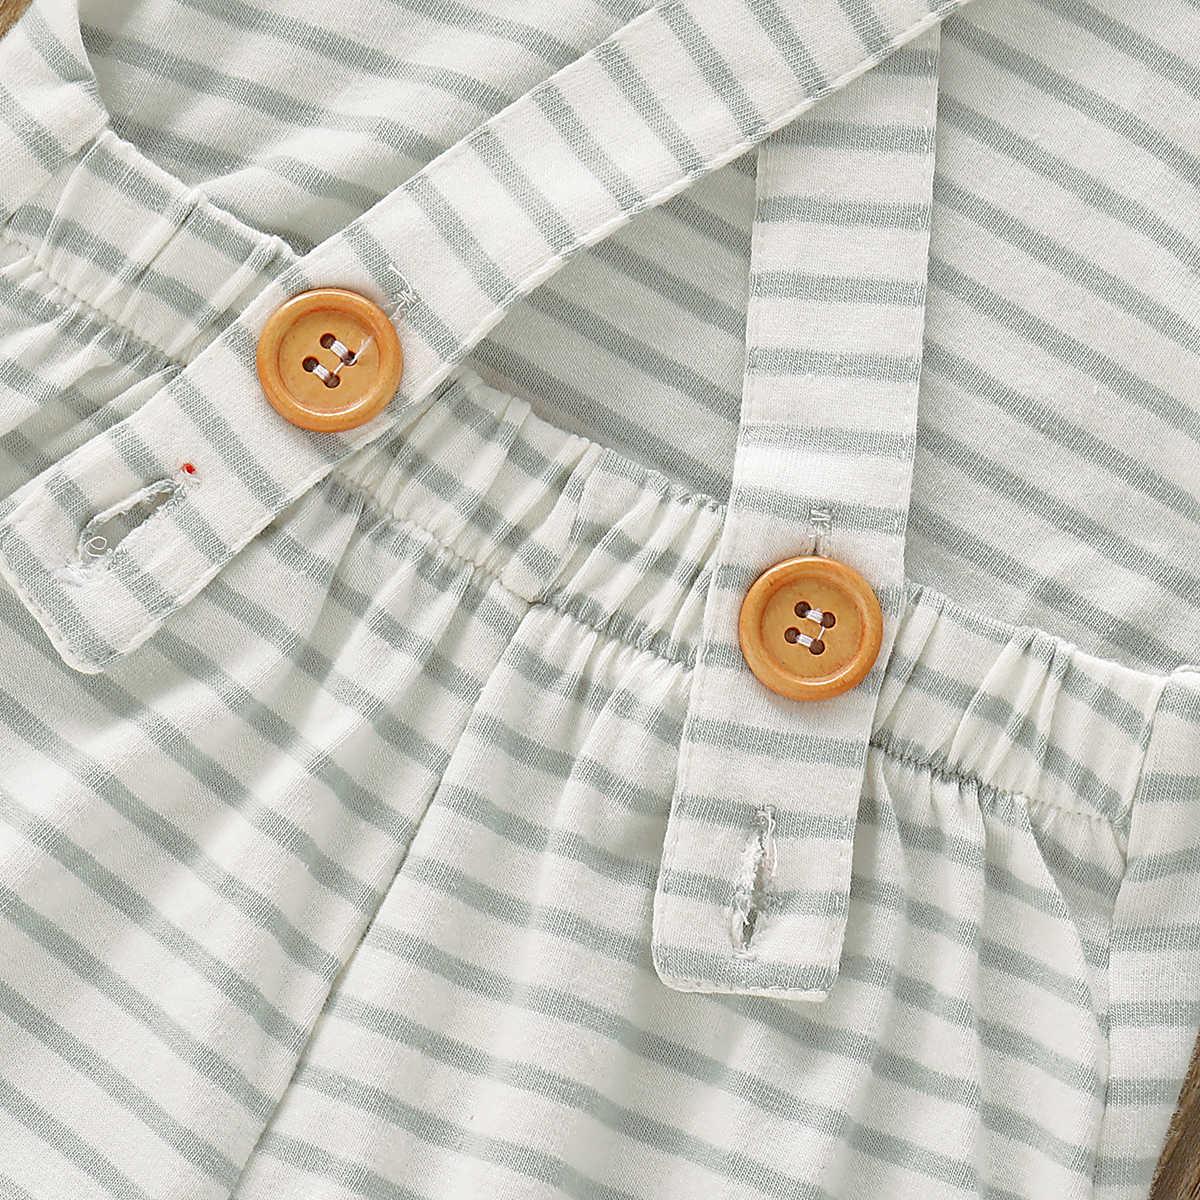 Modo Del Bambino del bambino Delle Ragazze Strisce Pantaloni Pagliaccetto Tute Tute e Salopette Abiti Vestiti Della Banda Strampler Vestito Generale Prendisole